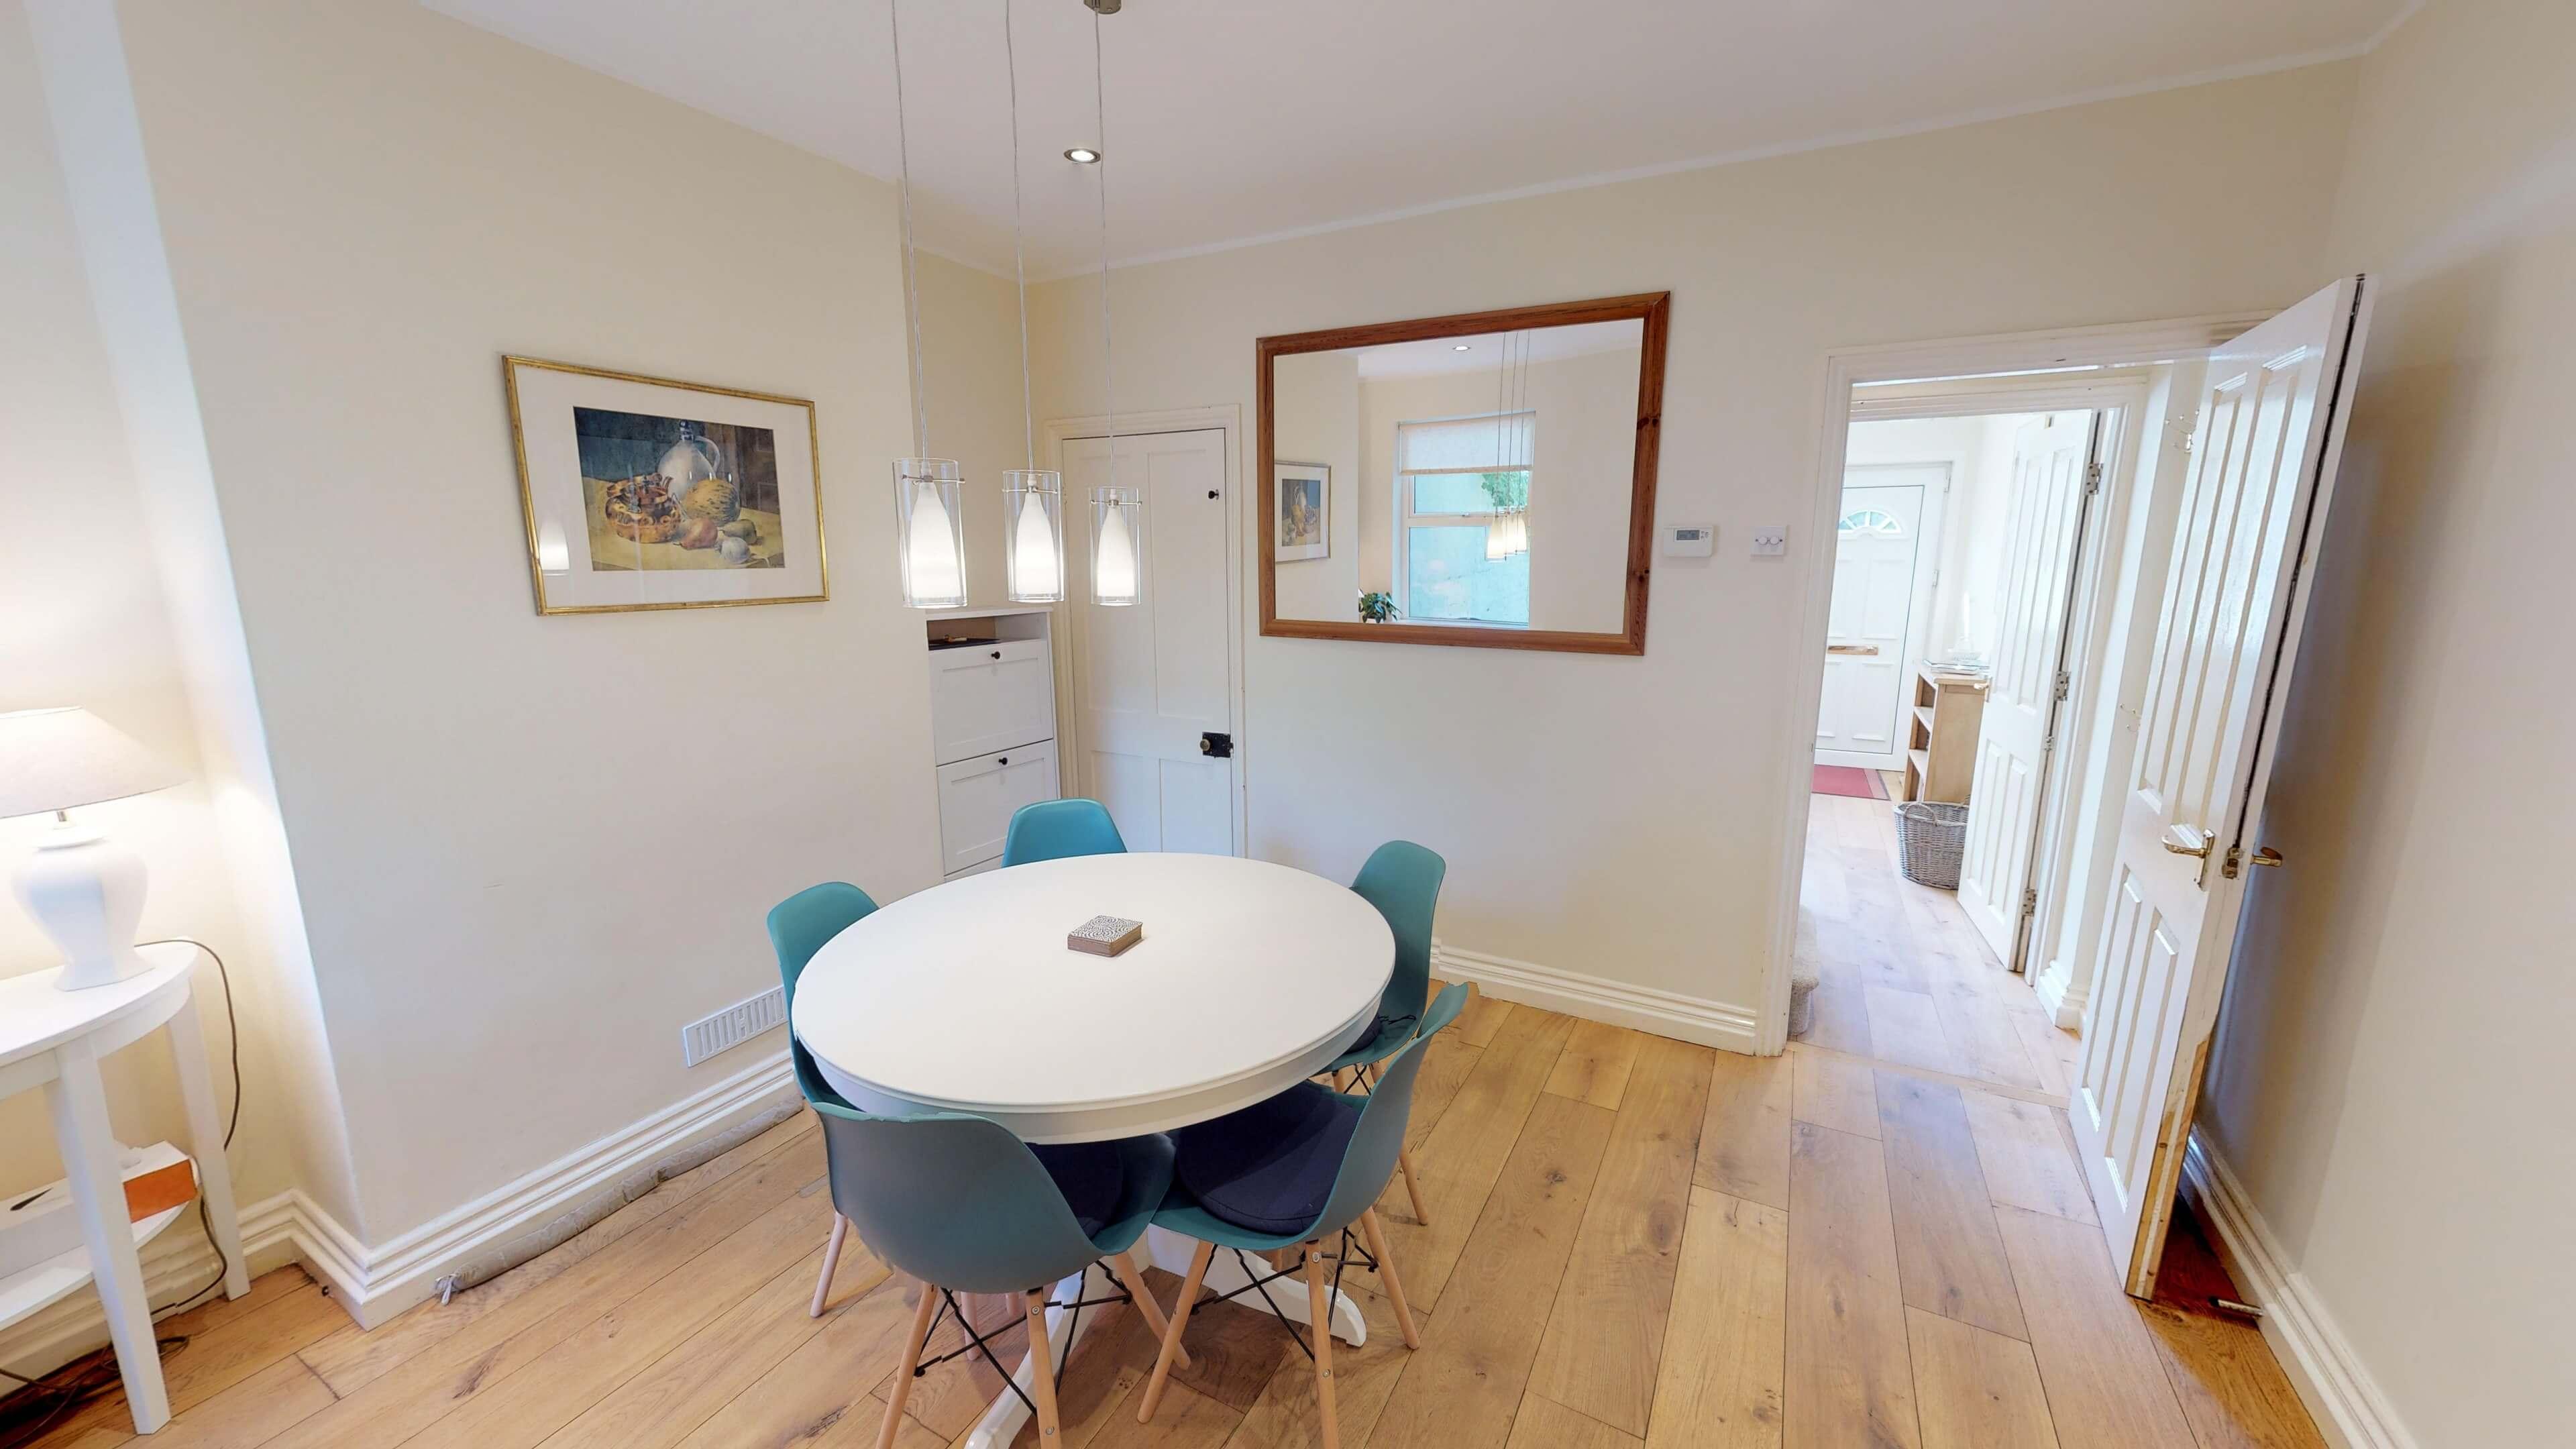 Gordon Street Dining Room